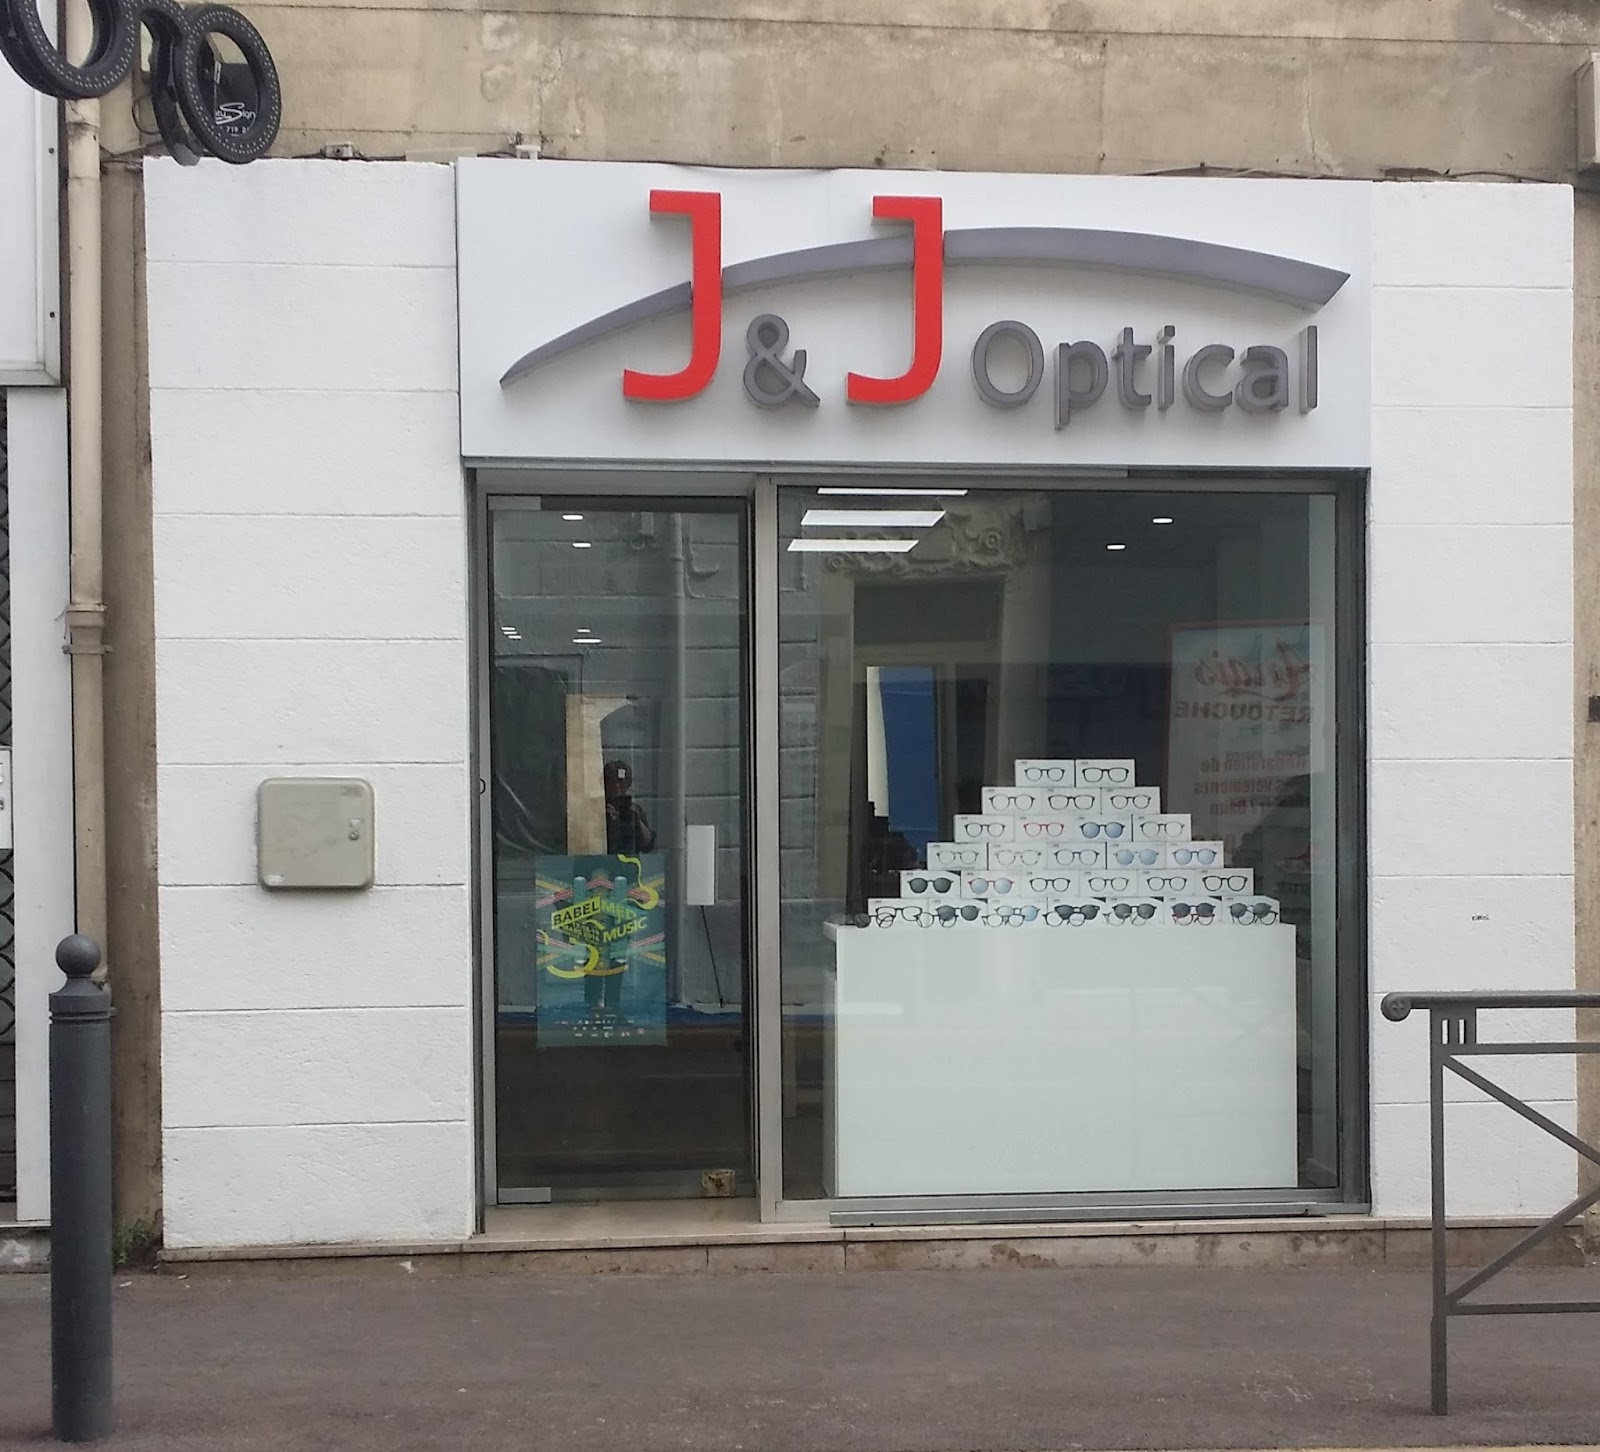 Castorama st loup horaire optical center marseille for Horaire castorama